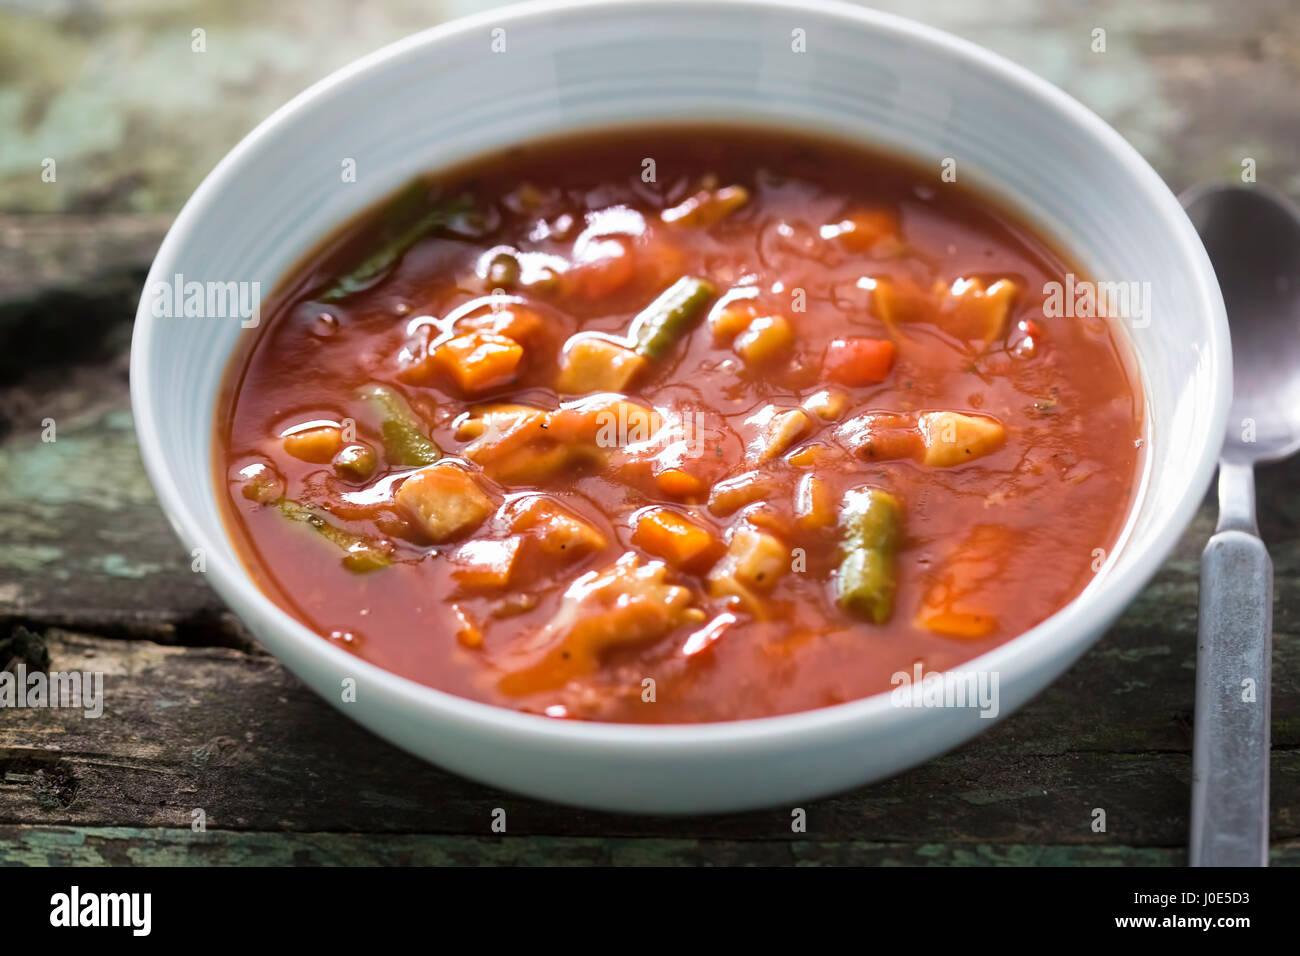 Soupe aux tomates en conserve italienne Photo Stock